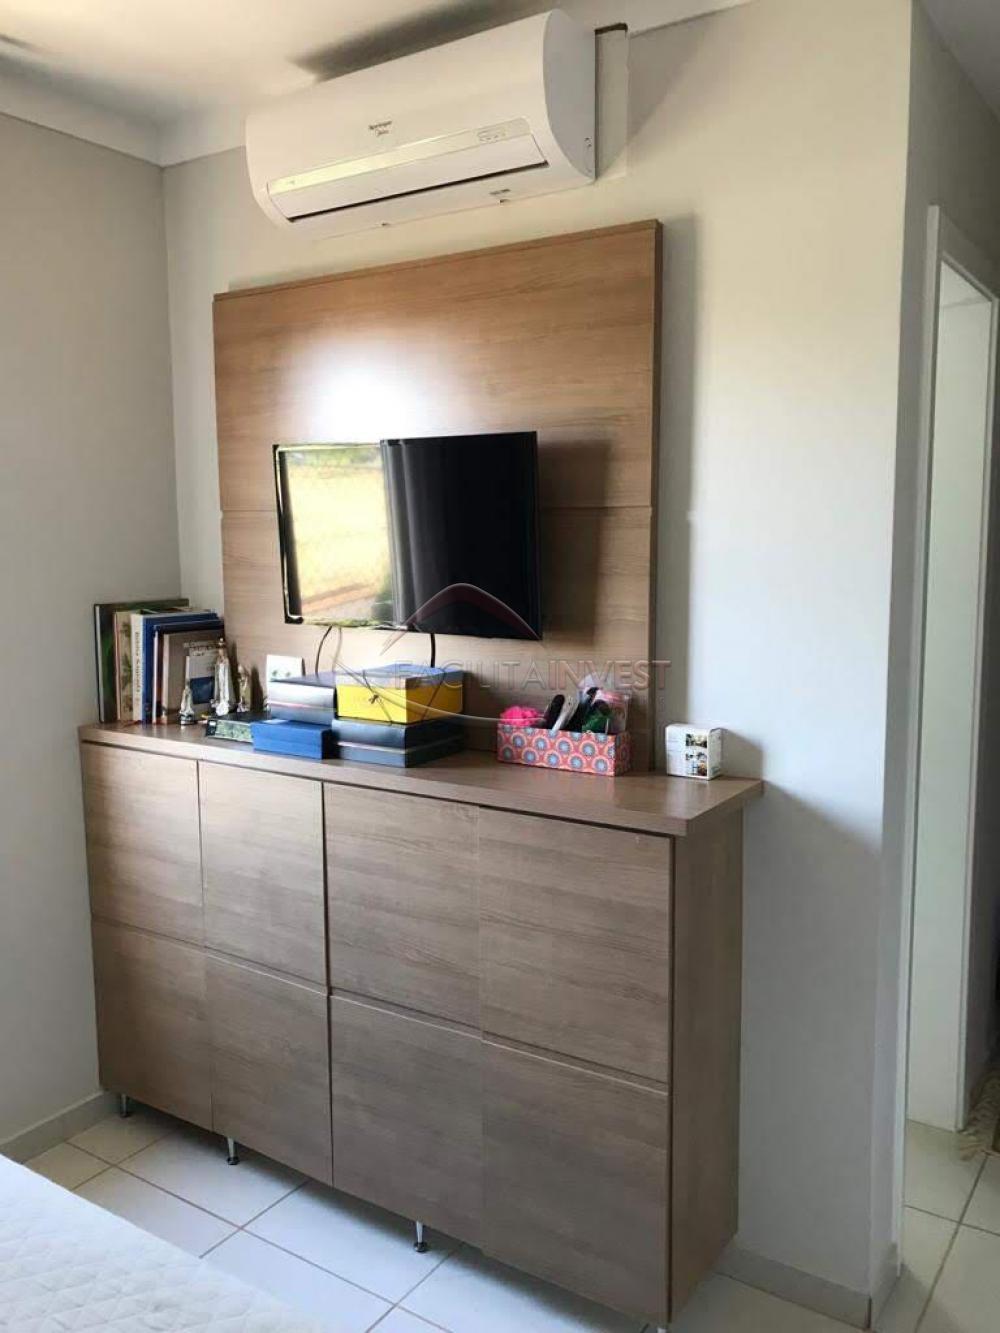 Alugar Apartamentos / Apart. Padrão em Ribeirão Preto R$ 3.000,00 - Foto 13